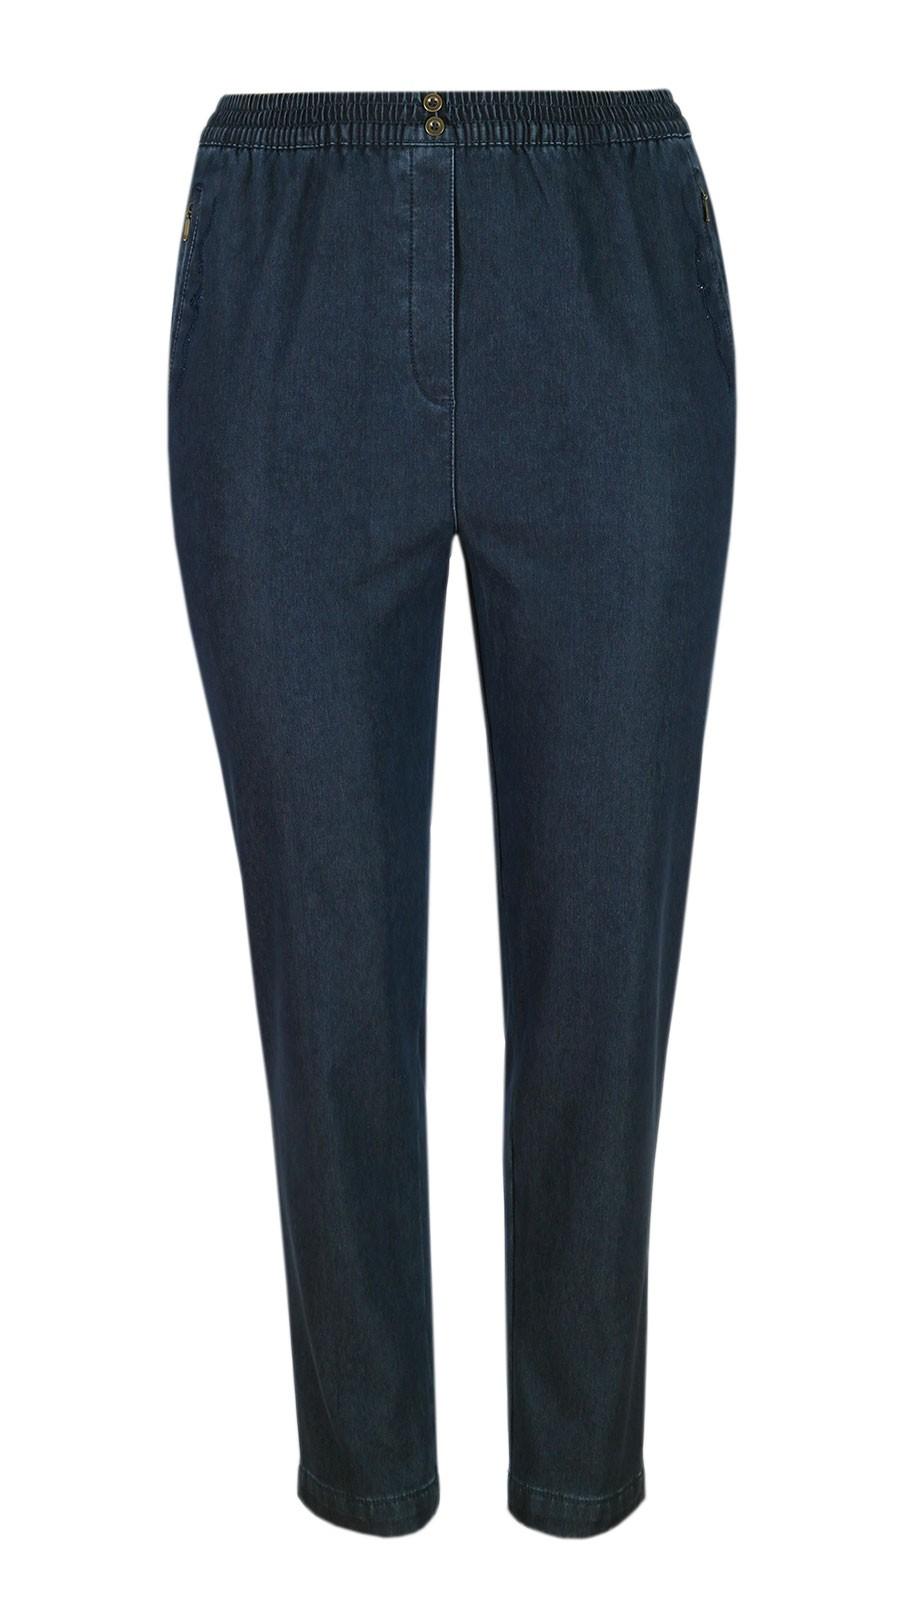 Damen Thermo Stretch Schlupfjeans Schlupfhose gefütterte Winter-Jeans - Navy